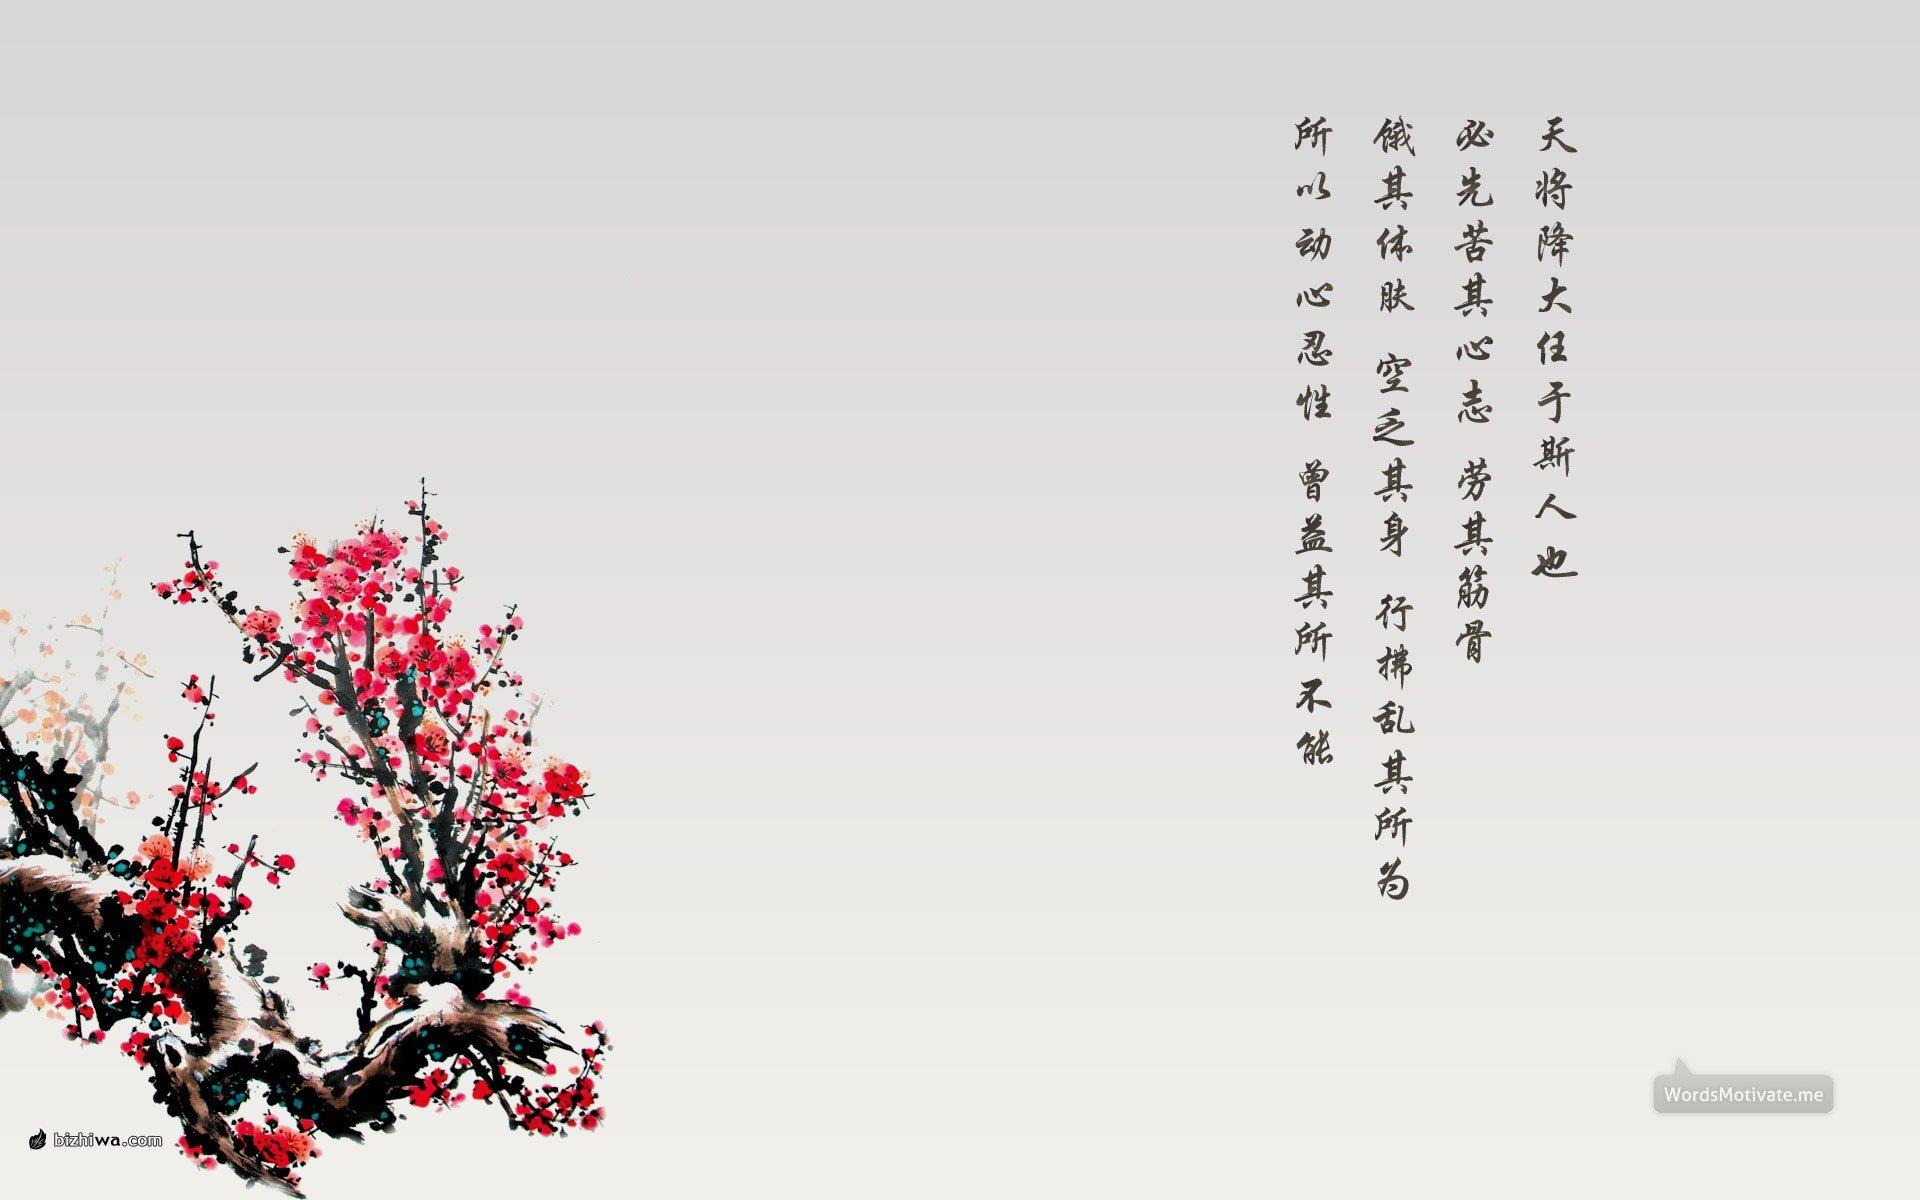 中国写意风景水彩画电脑主题中国写意风景水彩画